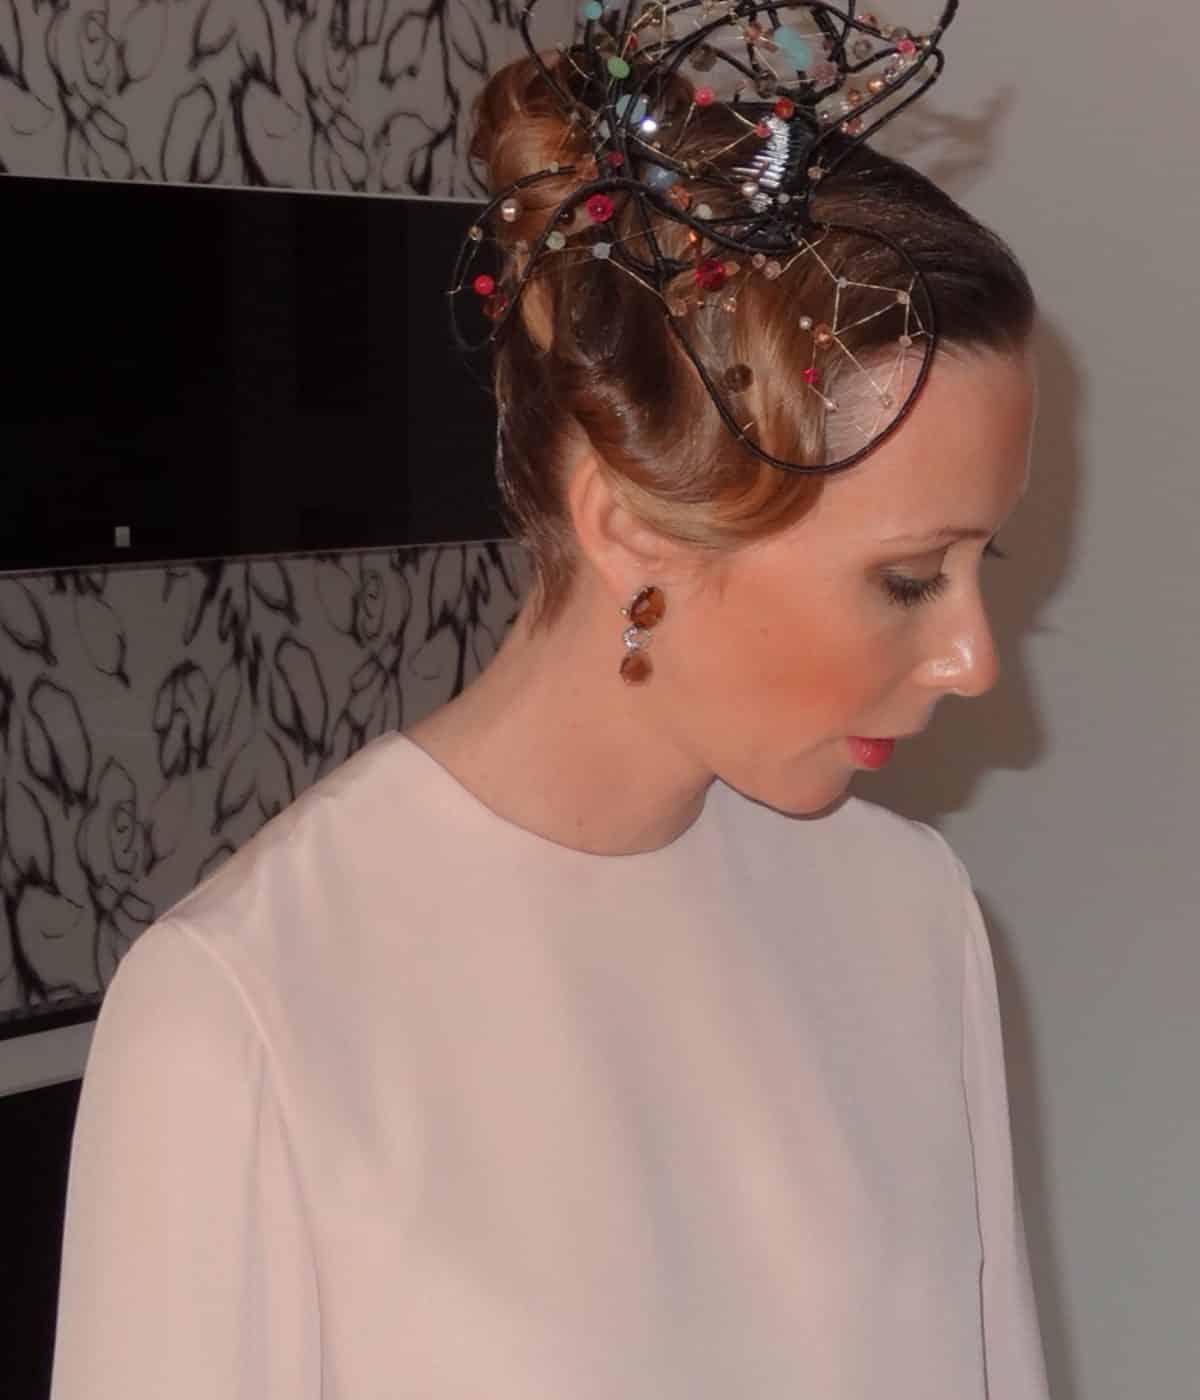 Hermana de la novia con peinado recogido, tocado de fantasia y vestido color maquillaje